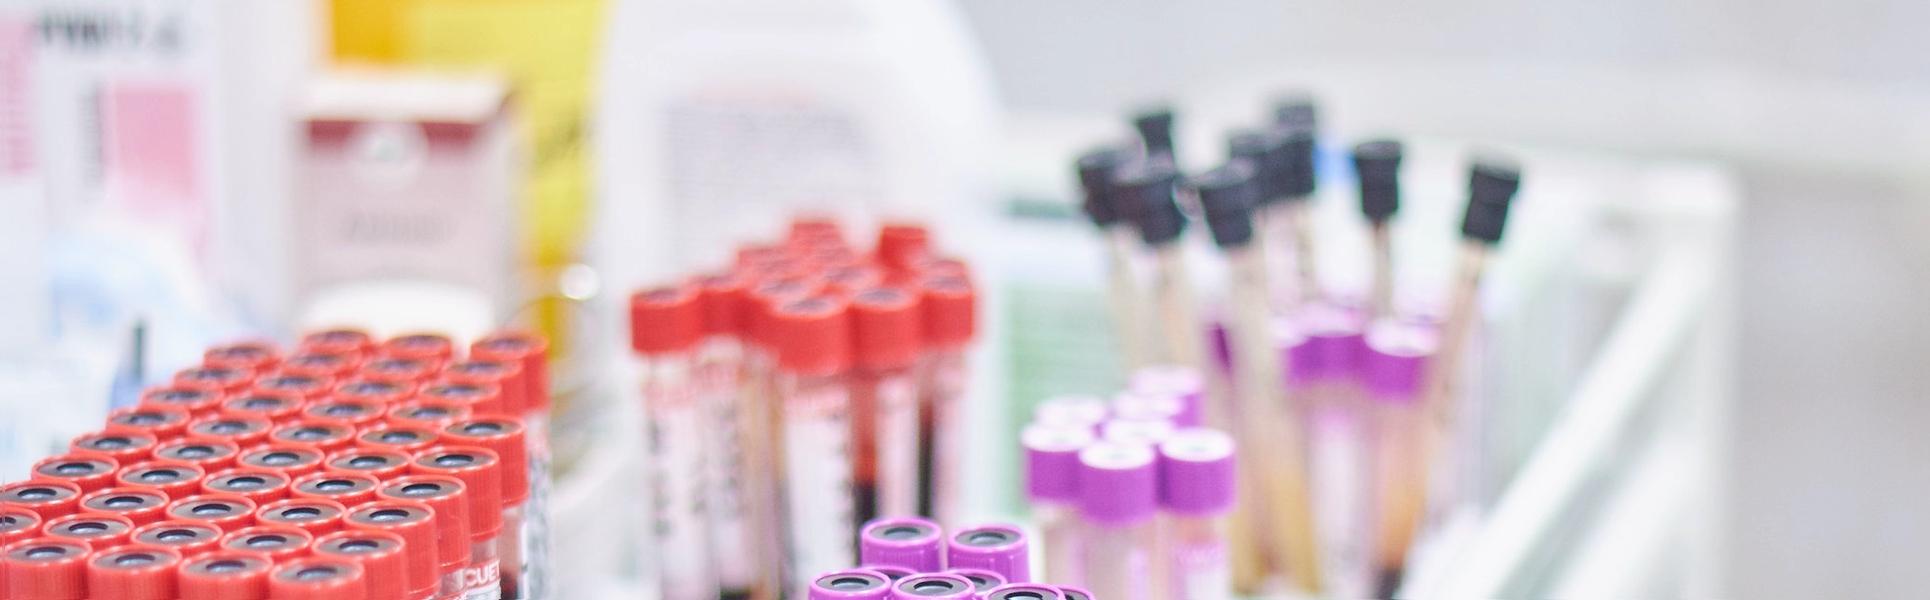 Сдать анализ на ВИЧ бесплатно. Проверено на себе